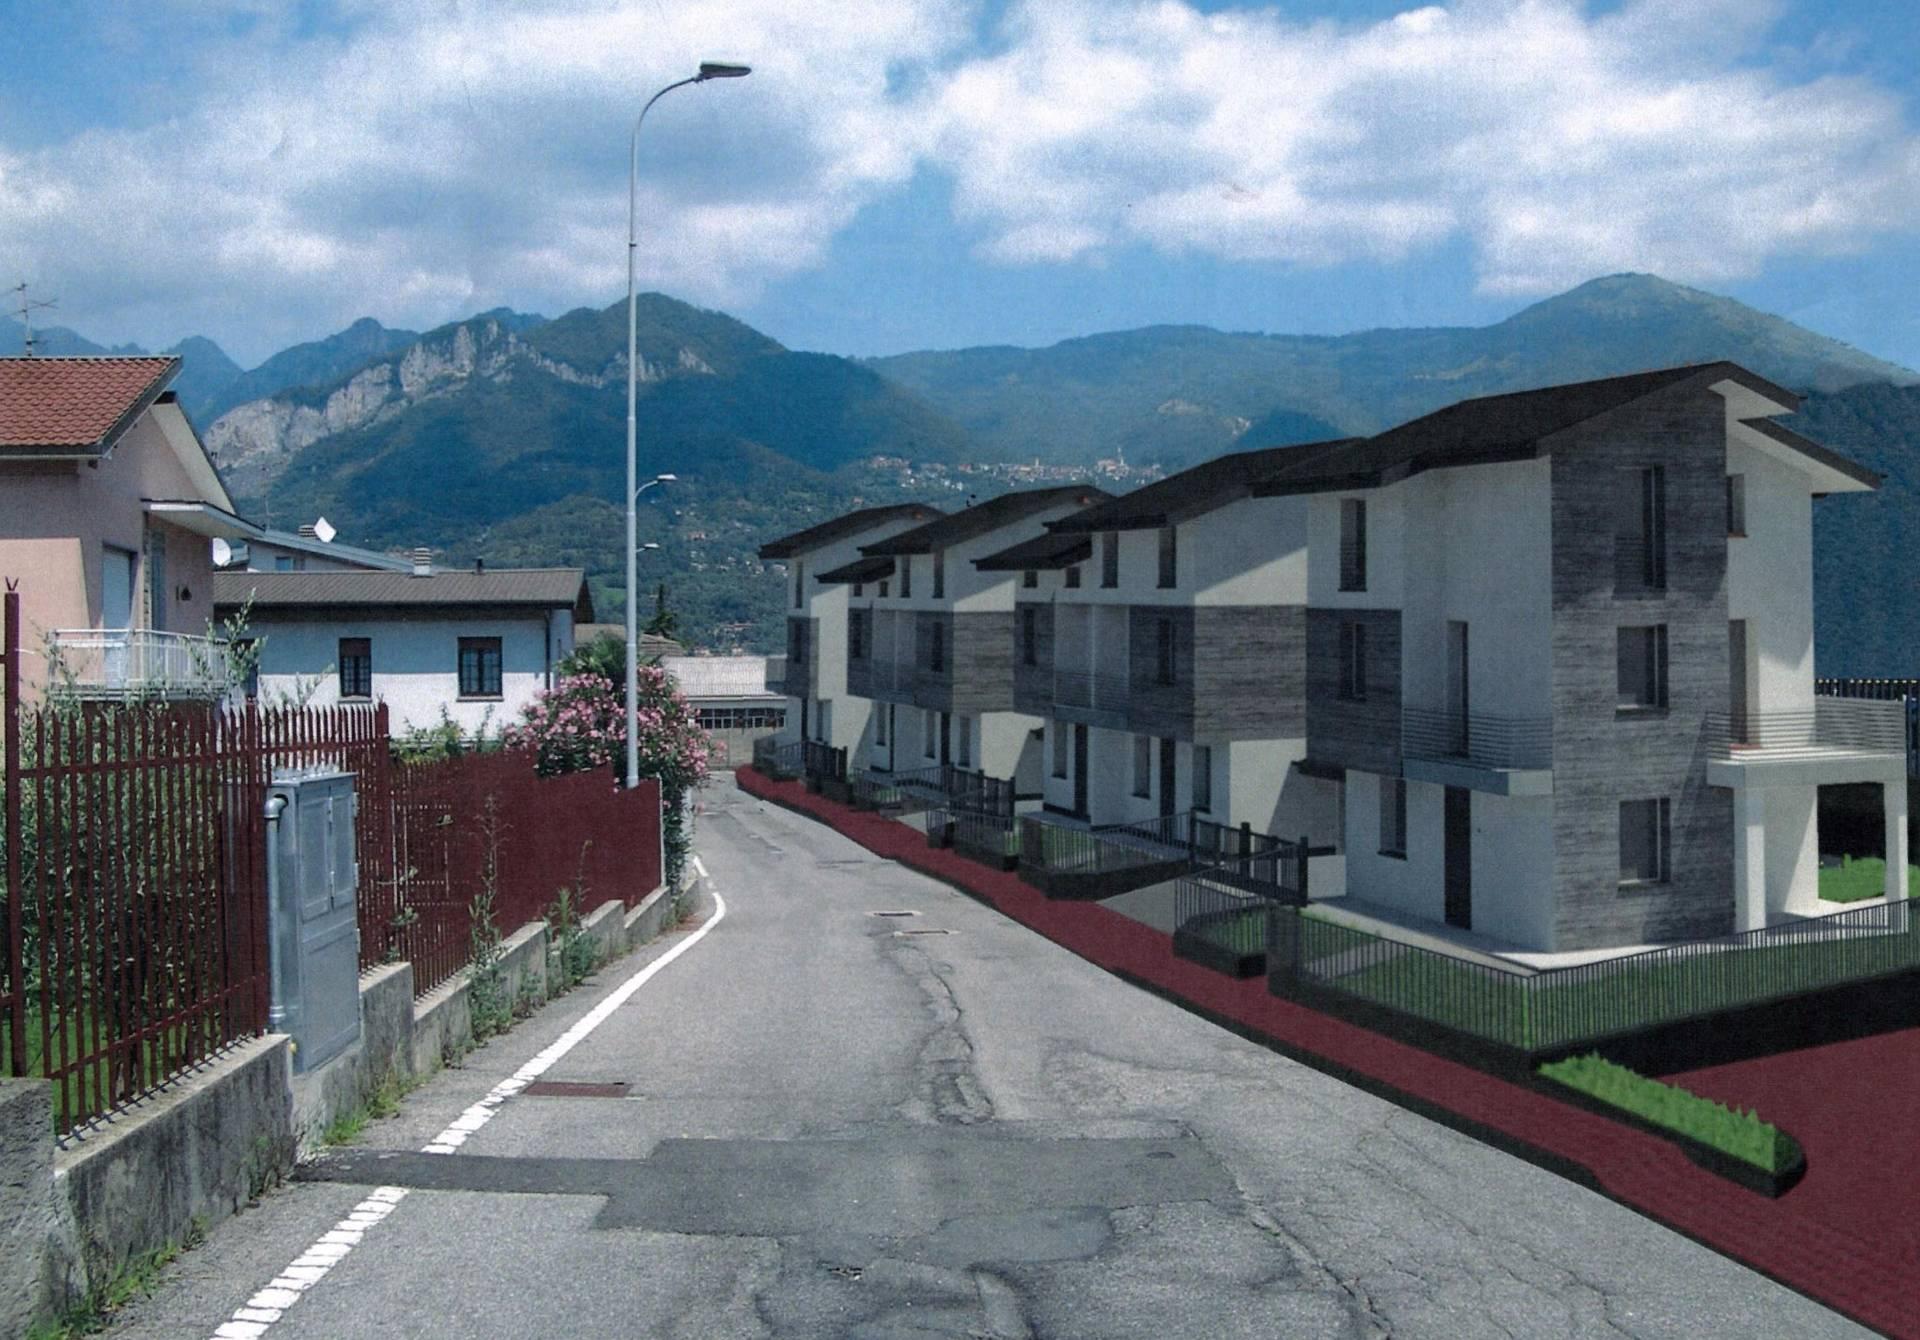 Terreno Edificabile Residenziale in vendita a Valgreghentino, 9999 locali, Trattative riservate | CambioCasa.it